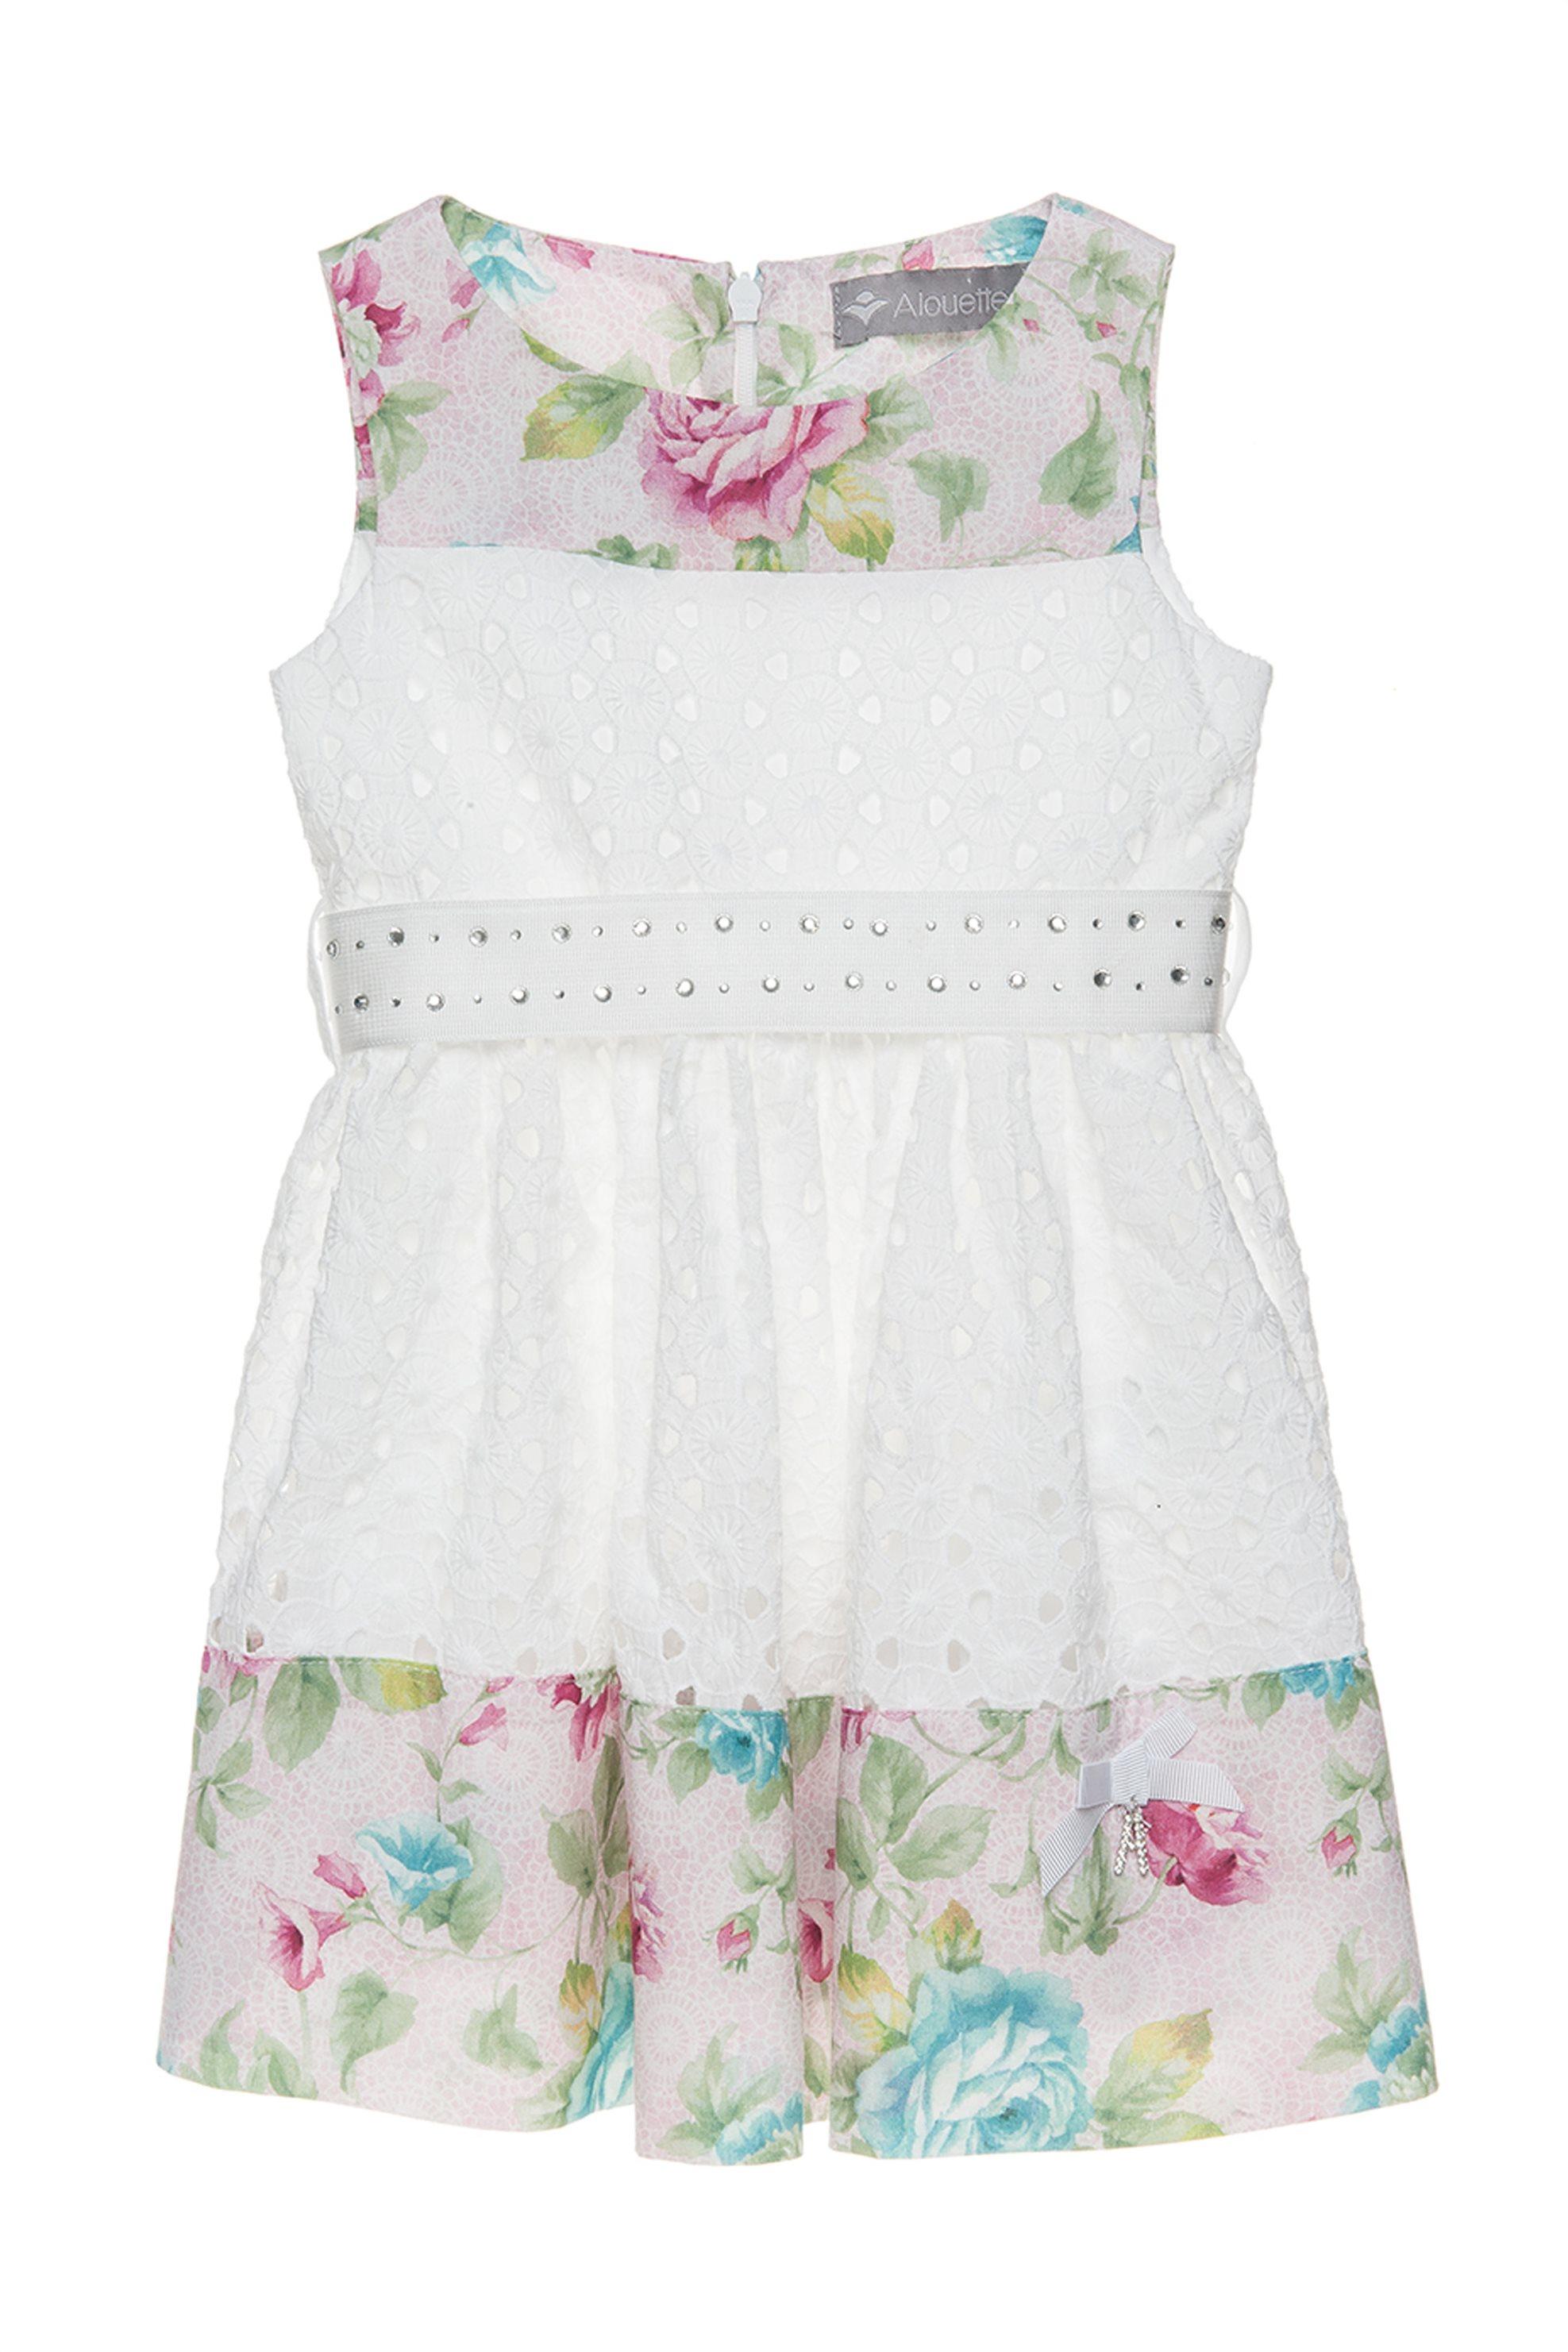 Παιδικό φόρεμα αμάνικο με ζώνη Alouette - 00241217 - Λευκό παιδι   βρεφικα κοριτσι   0 3 ετων   κοριτσι   4 14 ετων   ρούχα   φορέματα   φο